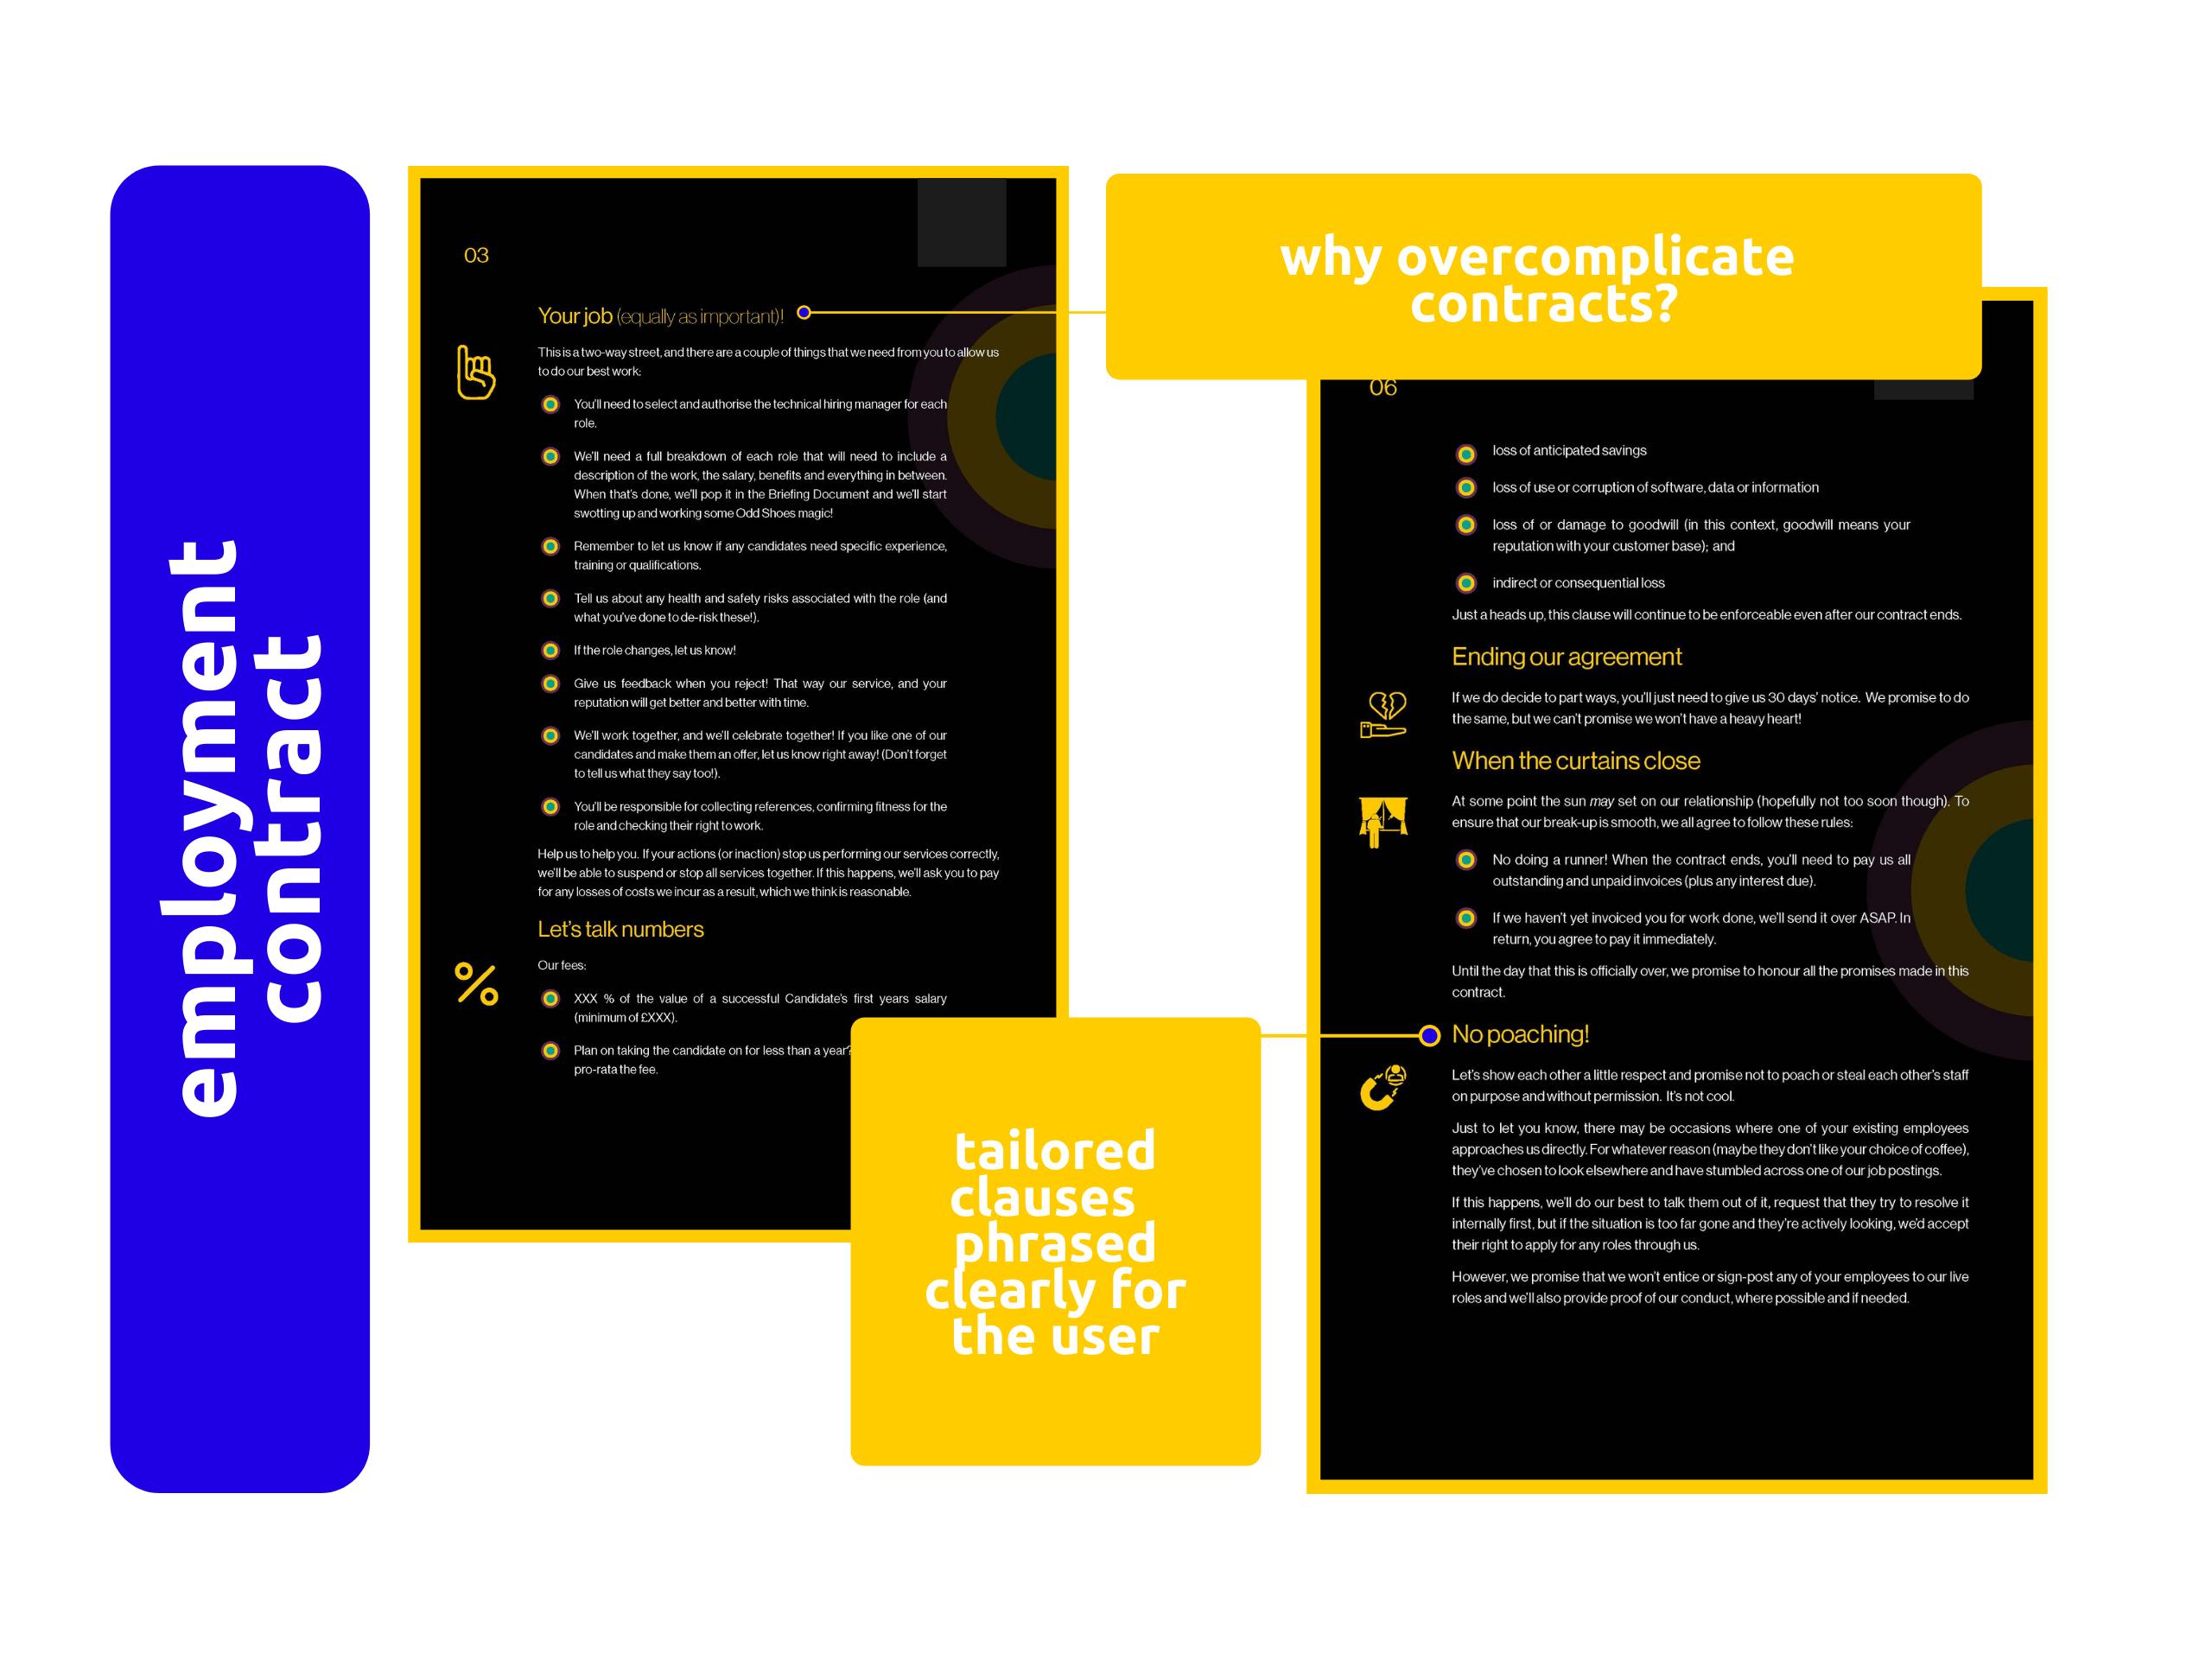 lawbox-design-portfolio-case-study-visuals-2560-1920px (5)